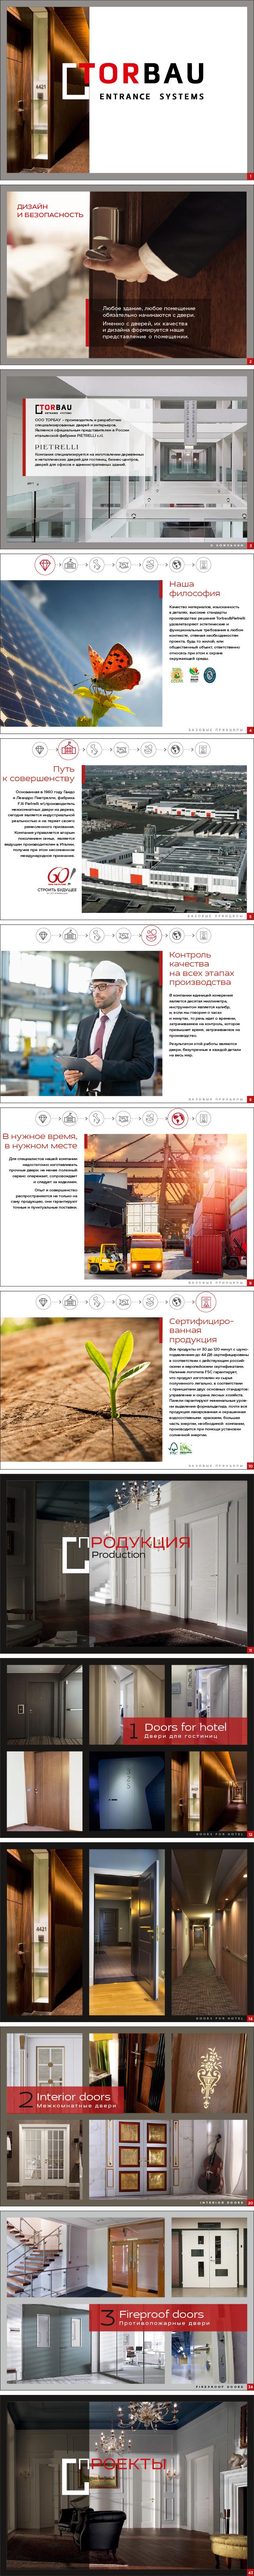 Presentation_Torbau_650